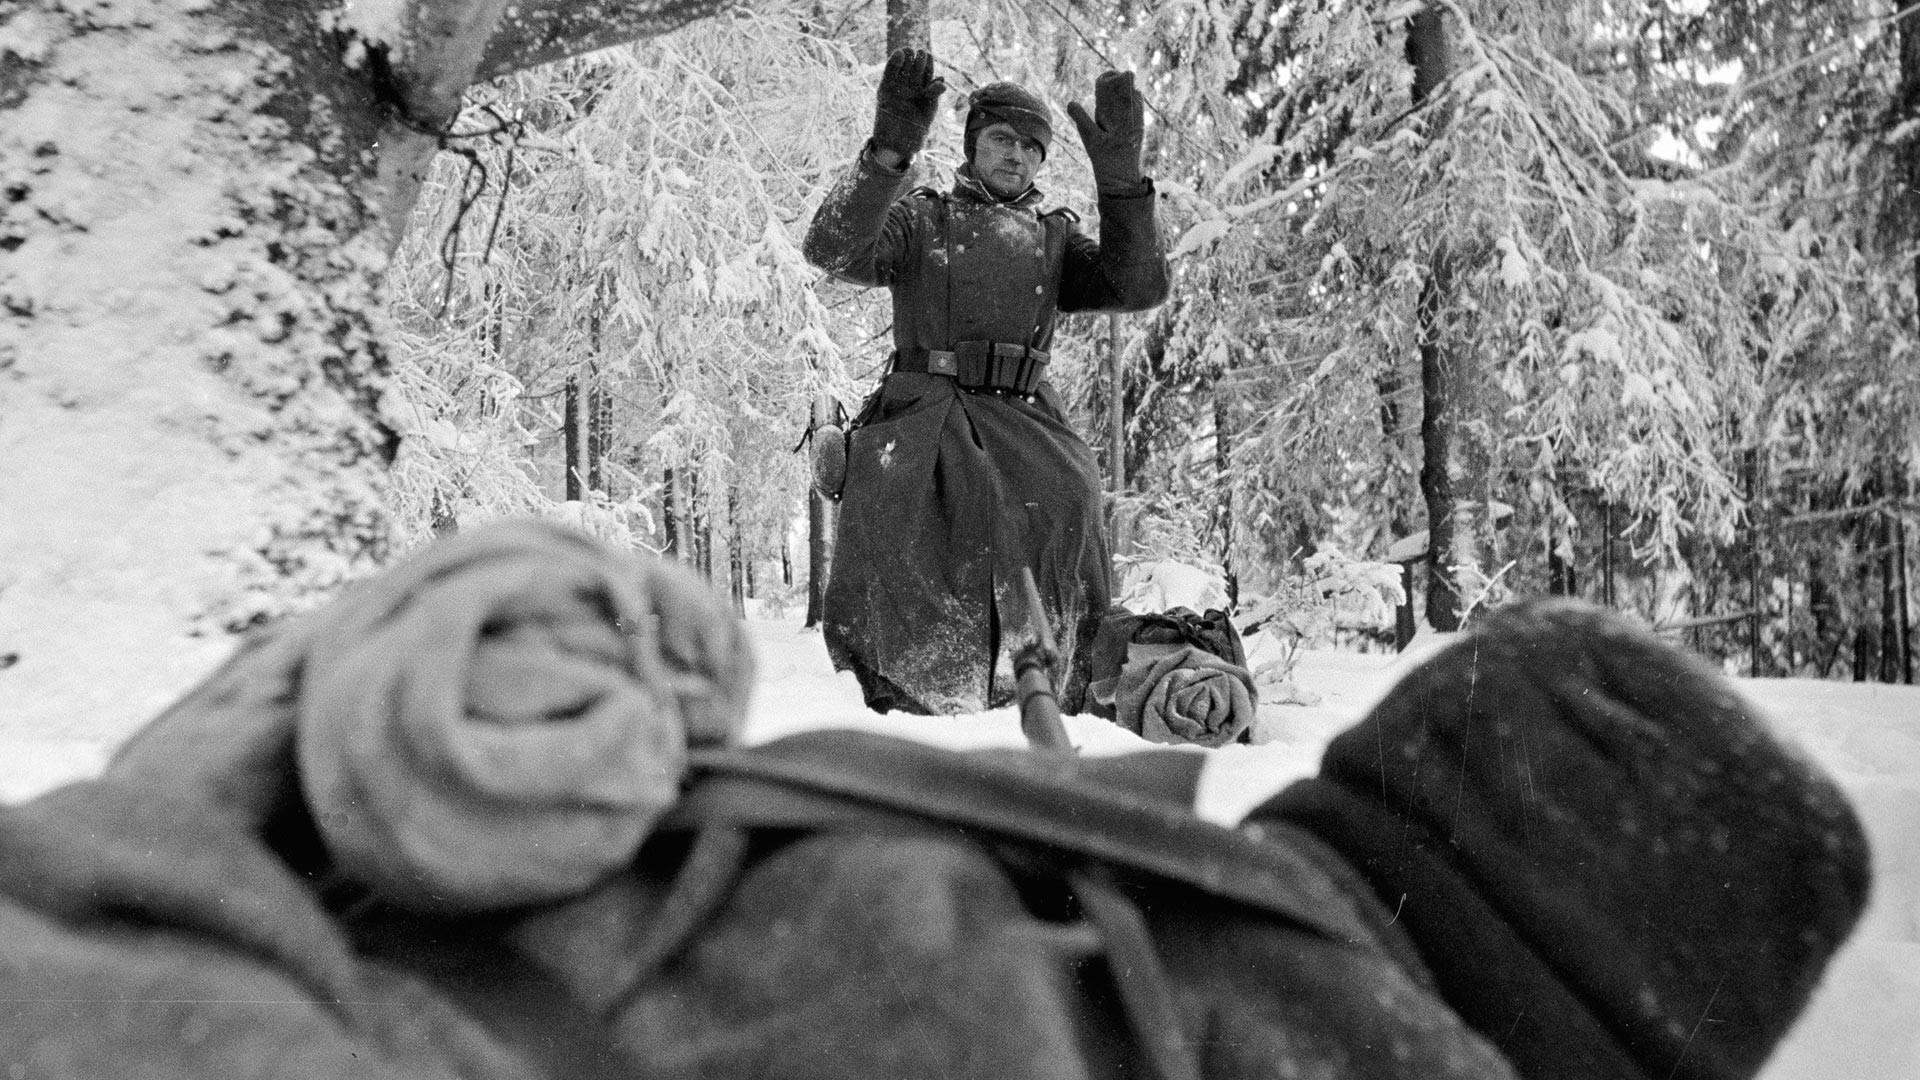 Немачки војник се предаје, рејон Солнечногорска, 1. децембар 1941.